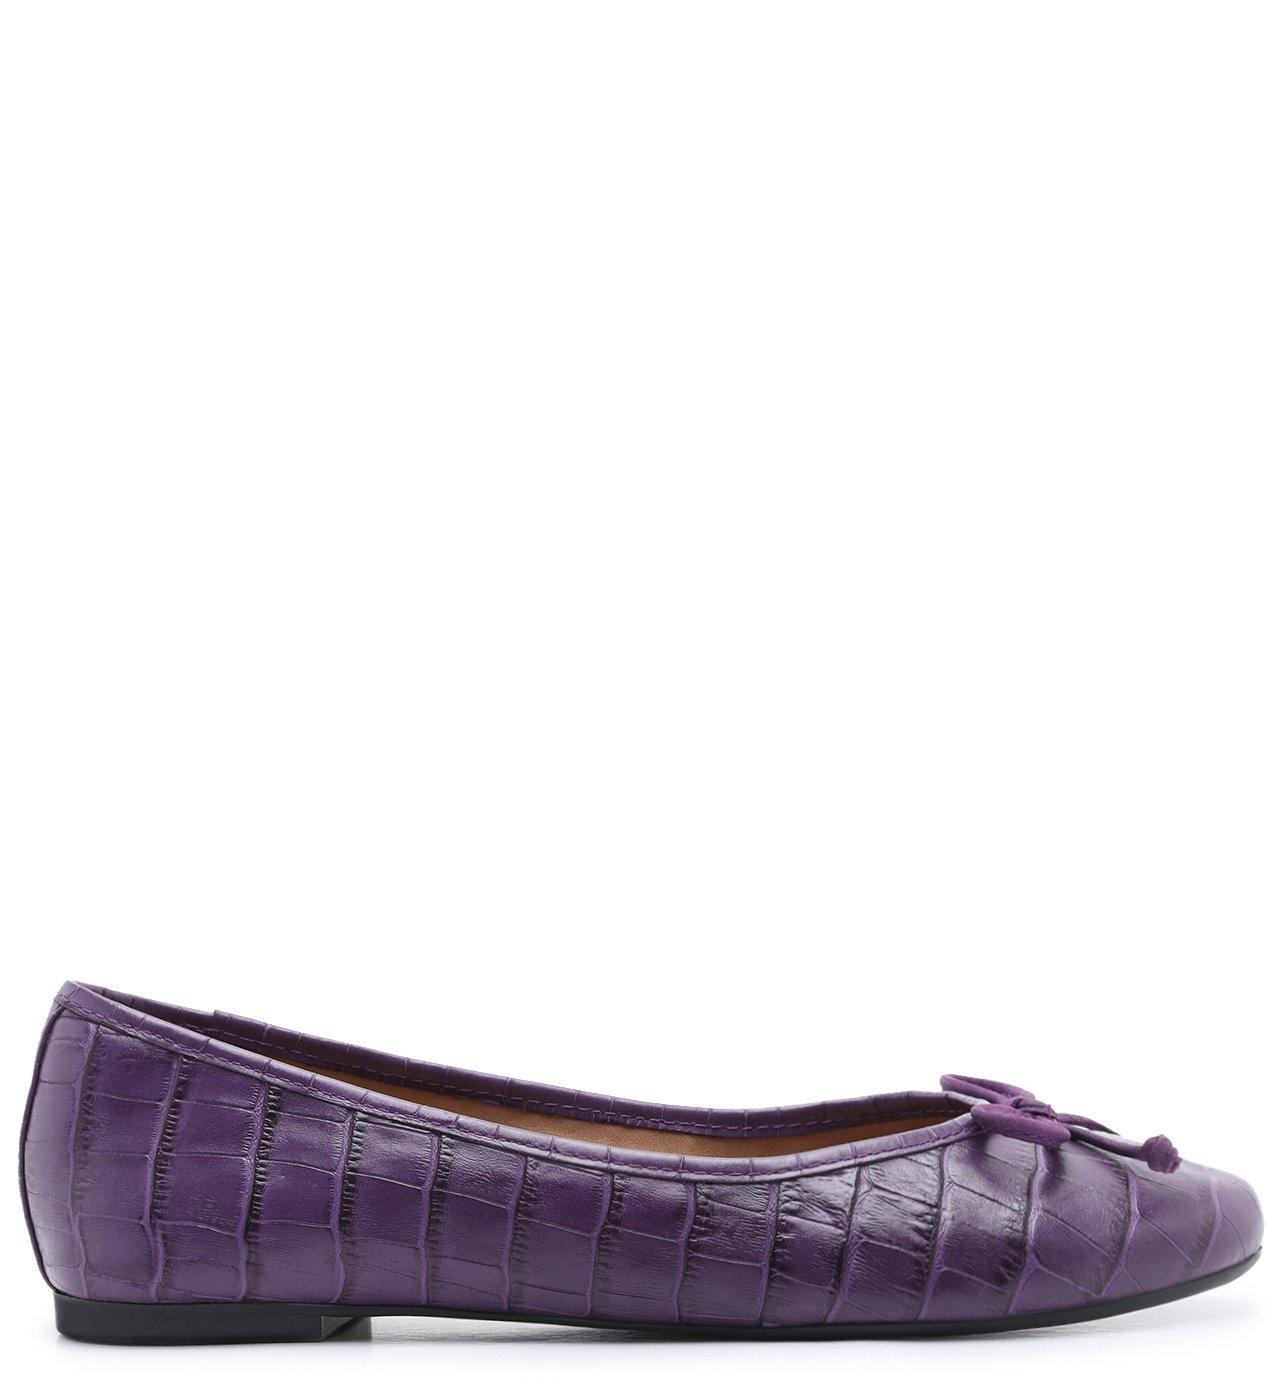 Sapatilha Roxa Croco Tiny Bow Real Purple | Arezzo